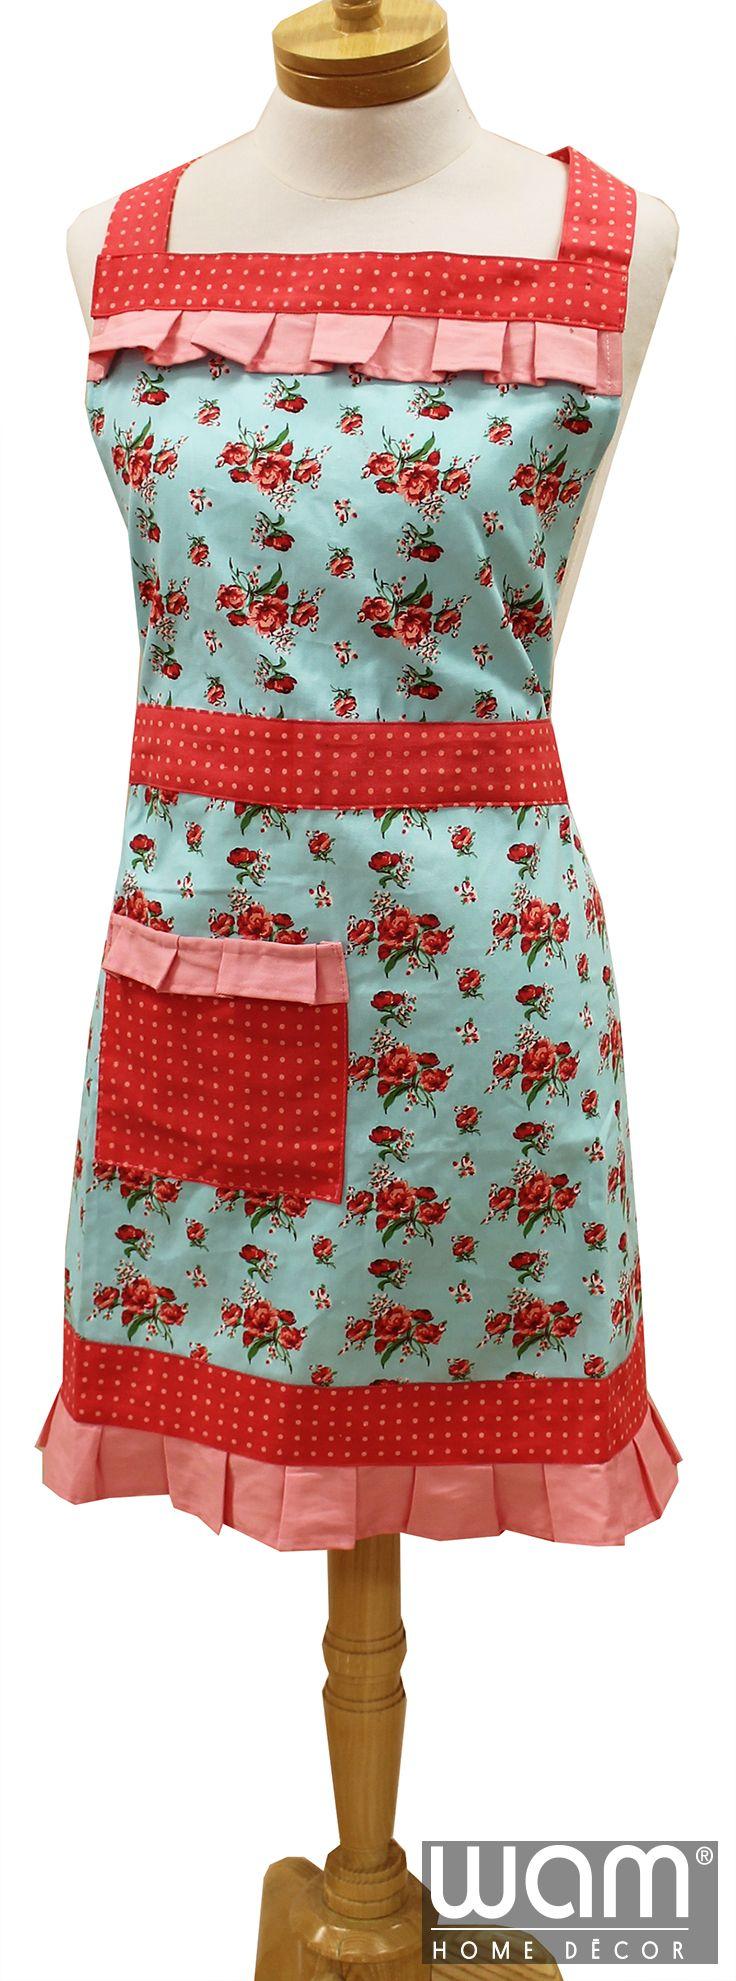 Floriade Apron http://wamhomedecor.com.au/index.php/floriade-apron.html